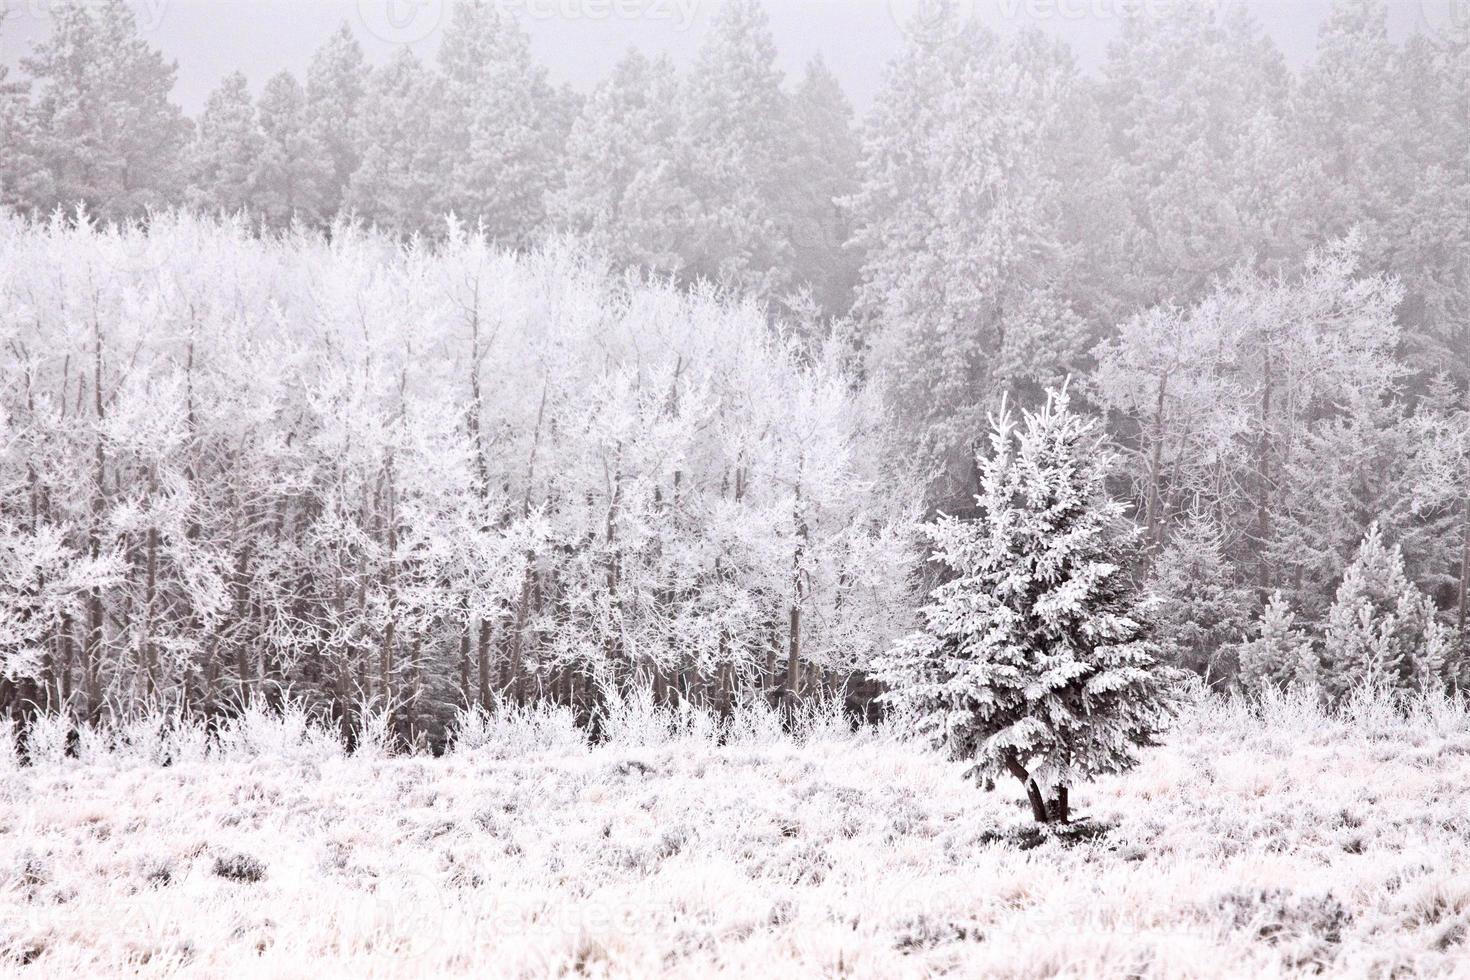 cipreses en invierno foto